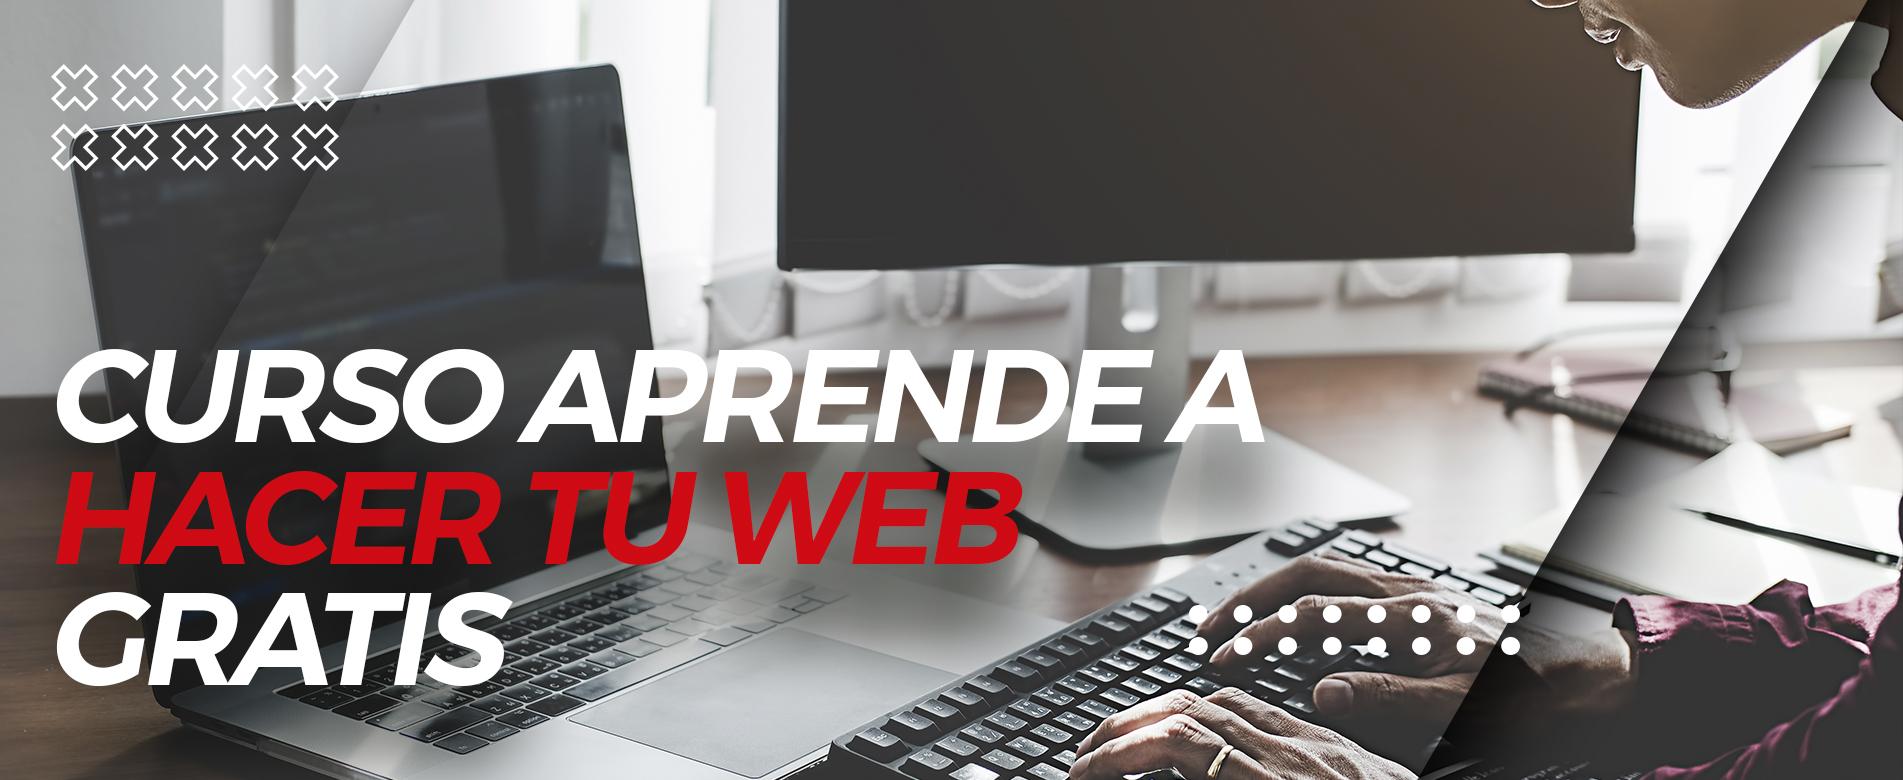 Curso Aprende a hacer tu web gratis